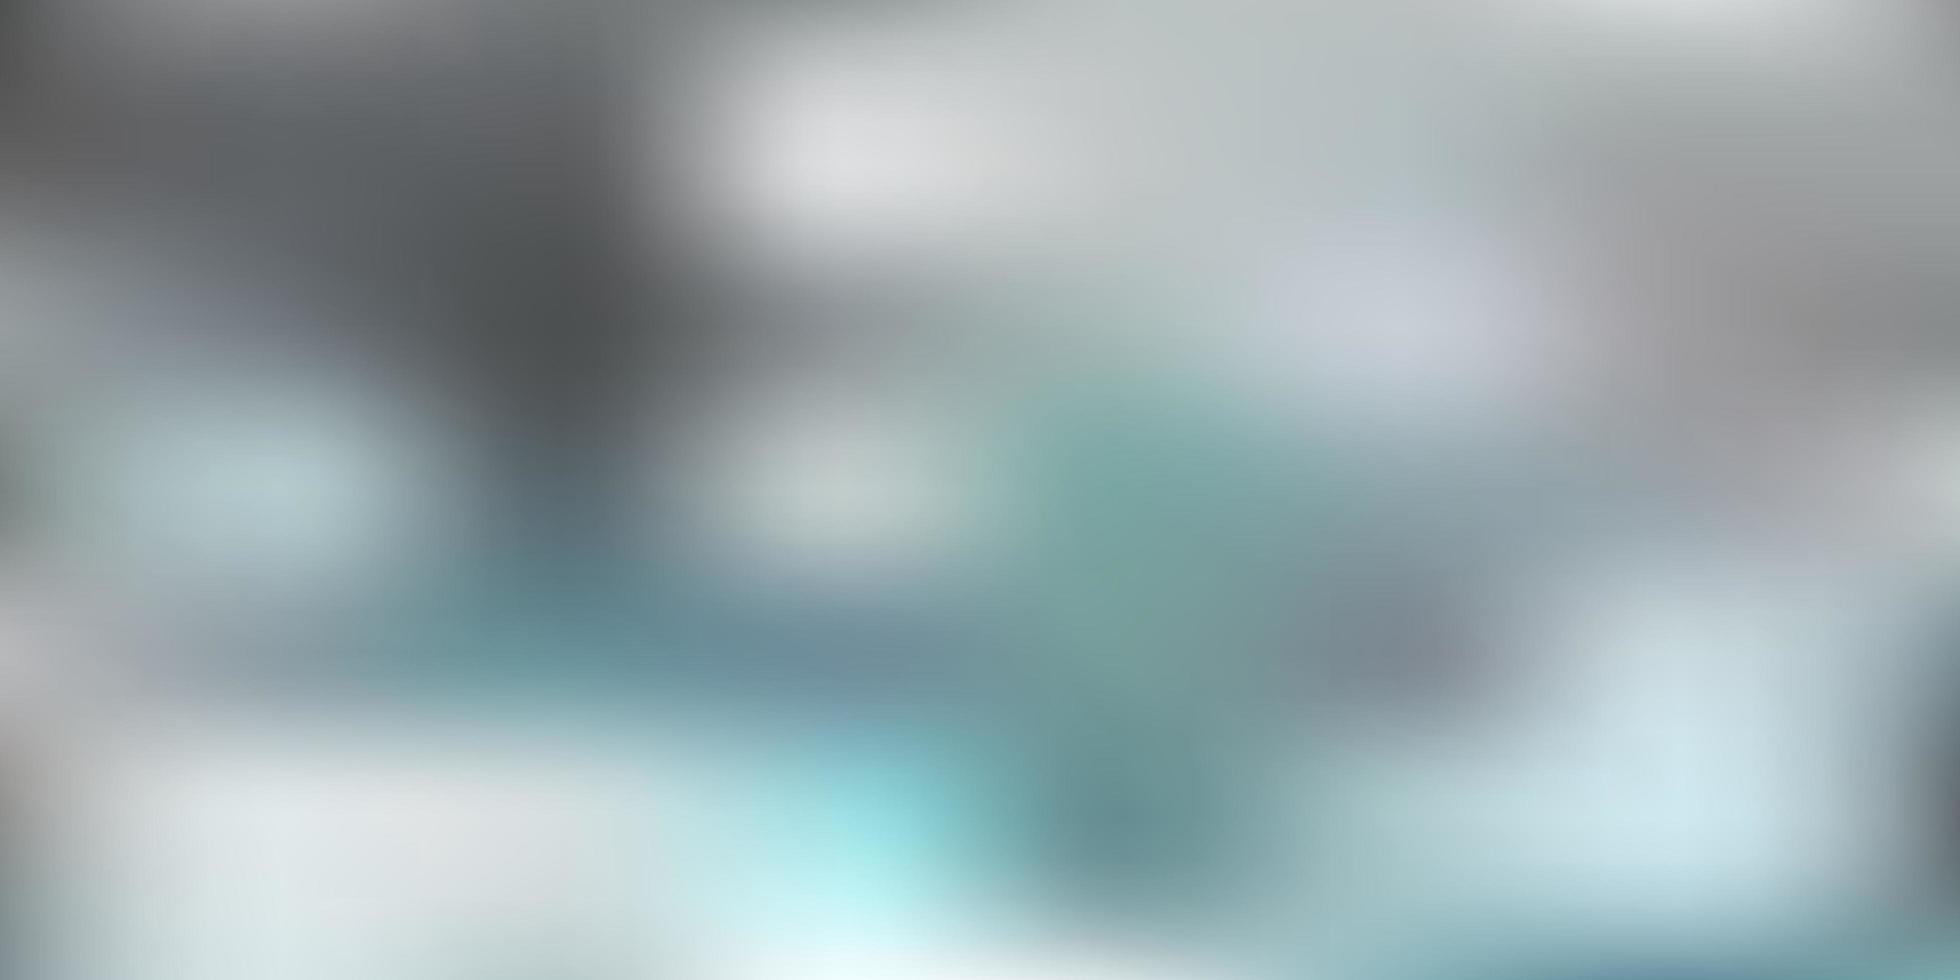 modello di sfocatura astratta vettoriale blu chiaro.